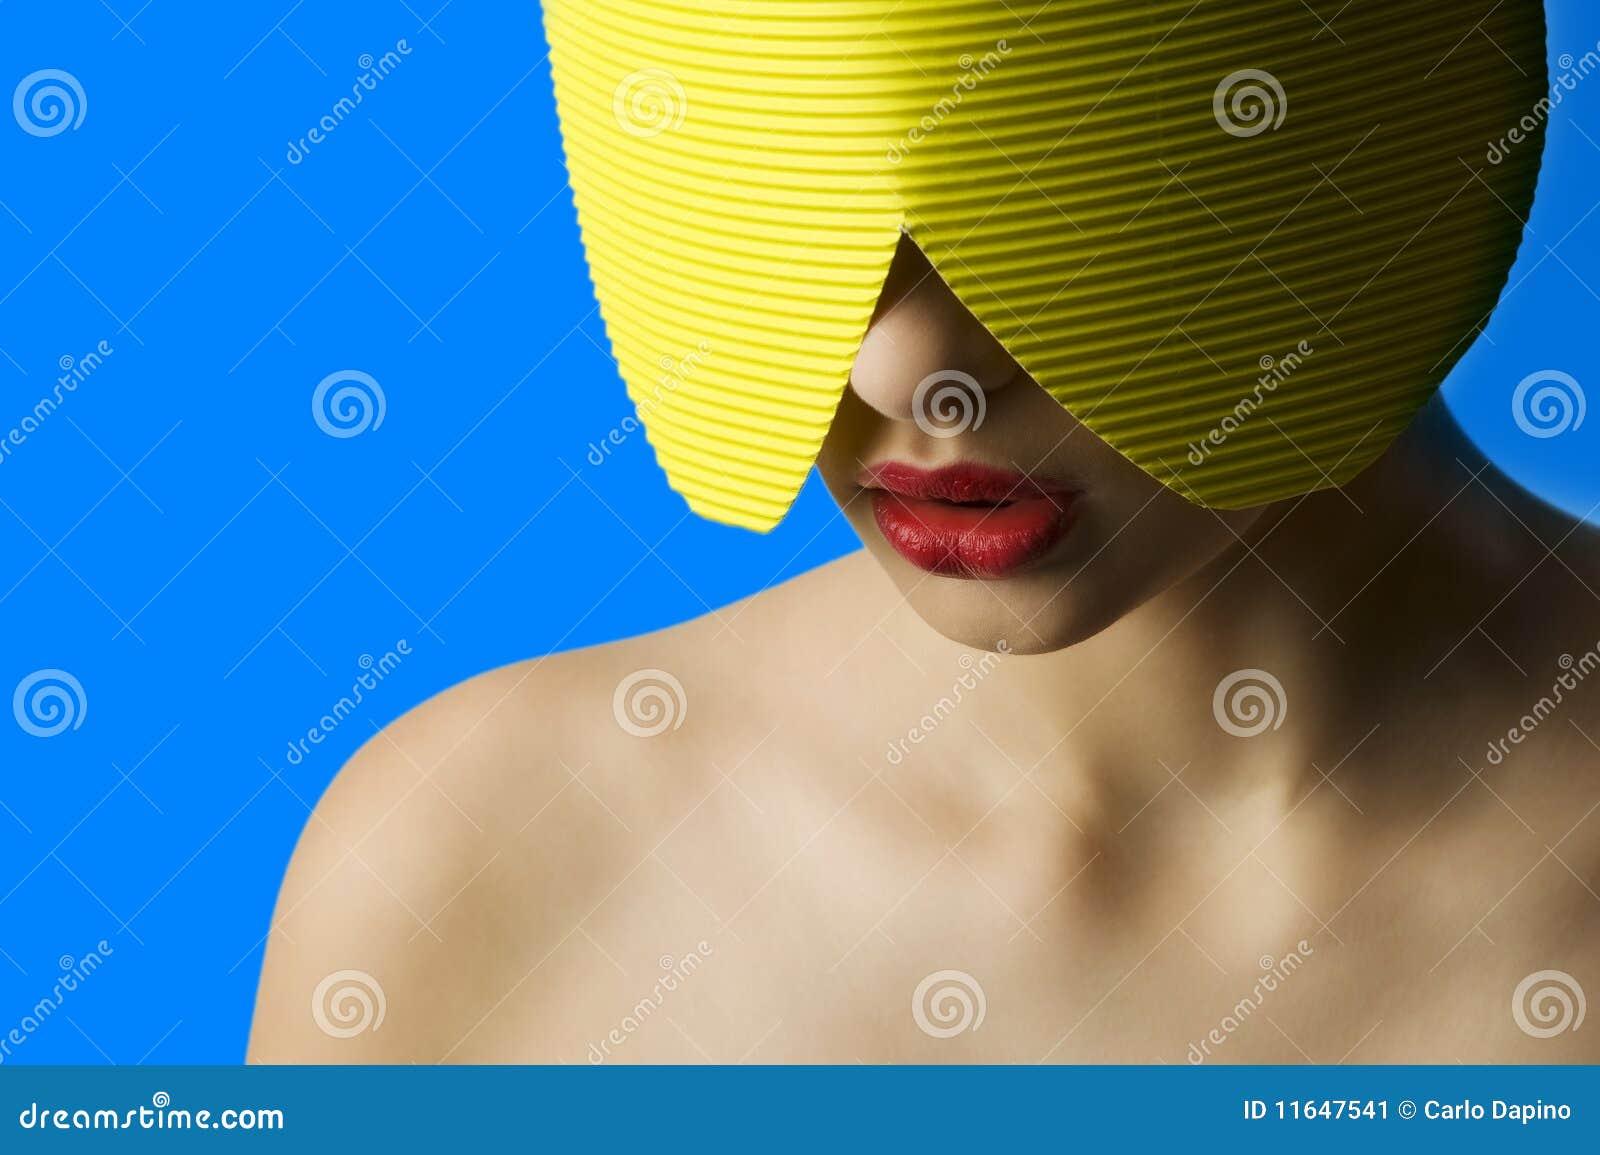 Máscara Amarilla De Los Labios Rojos Imagen de archivo - Imagen de ...